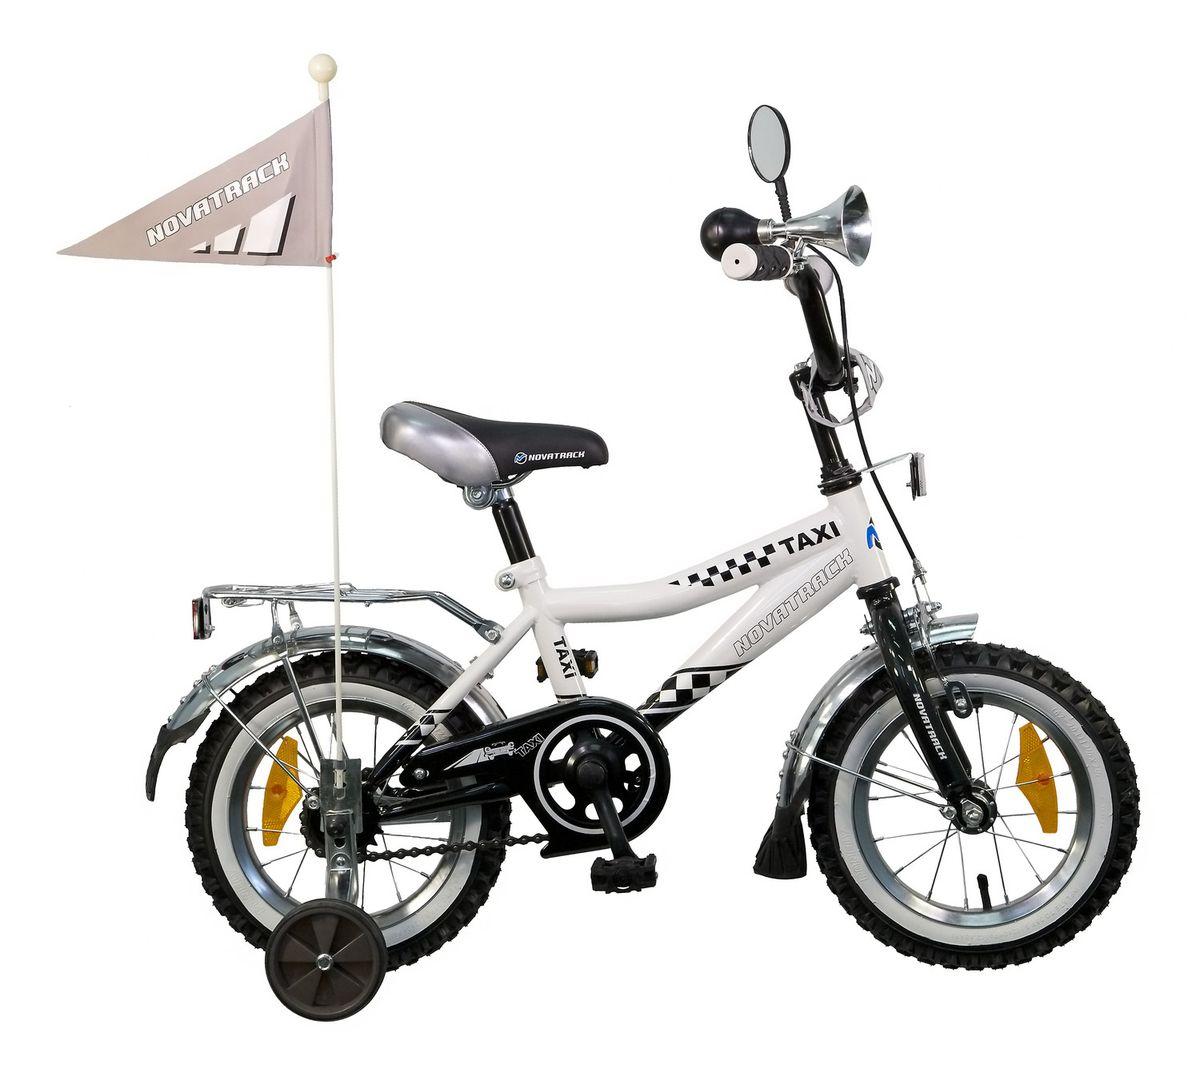 Велосипед детский Novatrack Taxi 12, цвет: черный, белый125BOISTER.BL5Велосипед Novatrack Taxi c 12-дюймовыми колесами – это велосипед для мальчиков в возрасте от 2 до 4 лет. Дизайнеры позаботились о том, чтобы велосипед понравился будущему велогонщику: стильный дизайн завсегдатая городских дорог, надежный хромированный багажник для перевозки игрушек и прочих нужностей, на руле установлено зеркало заднего вида и гудок, такой же громкий, как у настоящих автомобилистов. Эта модель предназначена для самых маленьких, поэтому на Taxi установлена защита цепи, которая не позволит штанишкам попасть в механизм, ограничитель руля, предотвращающий повороты под опасно большим углом, и надежный ножной и ручной тормоза, для того, чтобы быстро останавливаться в случае необходимости. Флажок на длинном флагштоке поможет быстро найти свой велосипед среди транспорта других ребятишек на детской площадке.